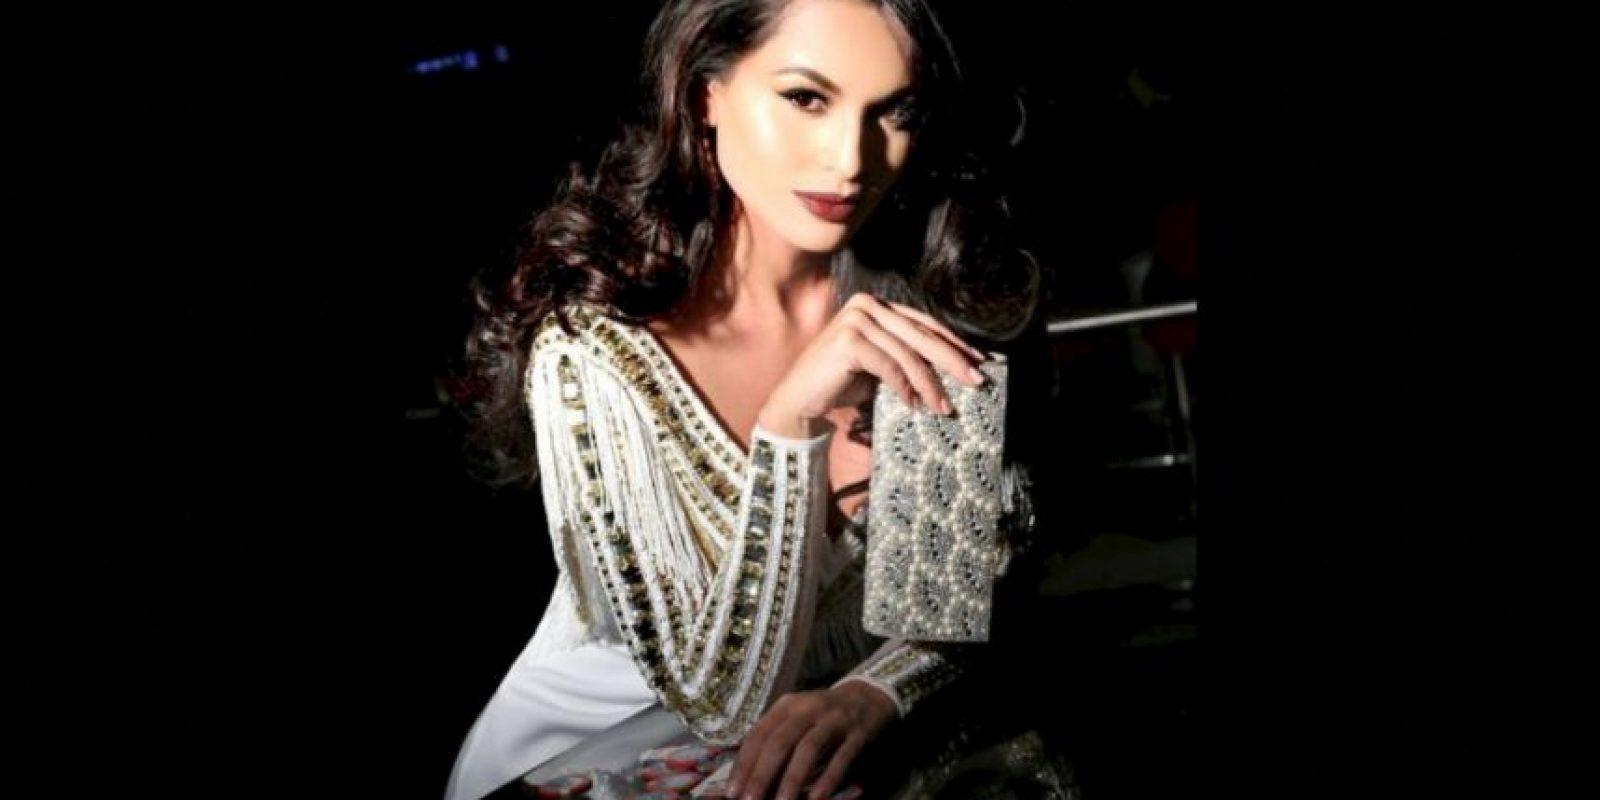 Brenda Castro es Miss Costa Rica Foto:Facebook.com/MissUniverse